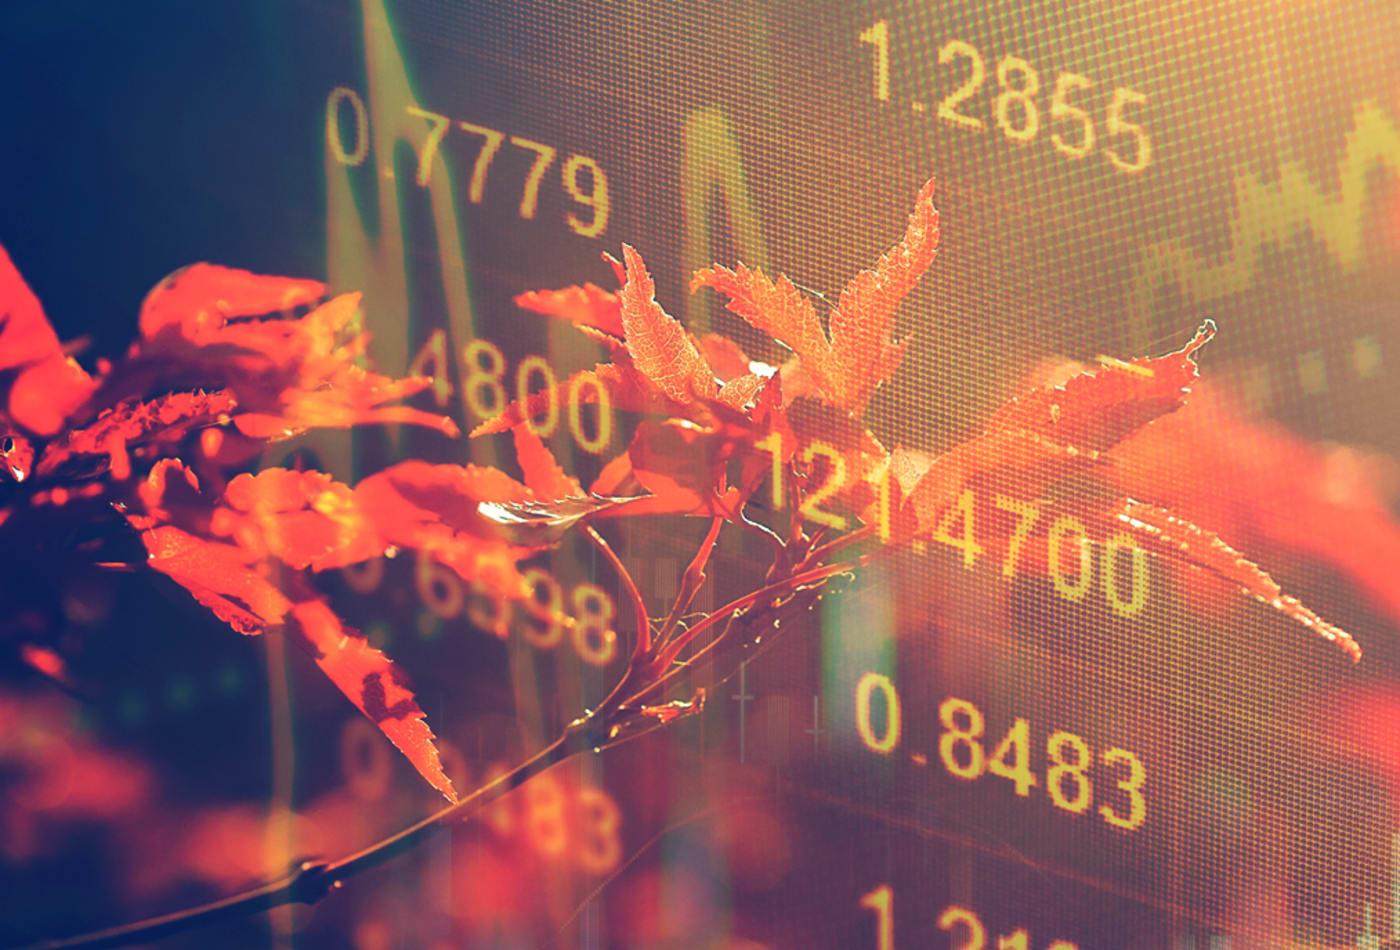 أكتوبر: شهر تعثر الأسواق - الأشهر المخيفة في التقويم المالي - ركود مالي وانهيار غير متوقع لسوق الأسهم - عواقب شهر أكتوبر على الاقتصاد